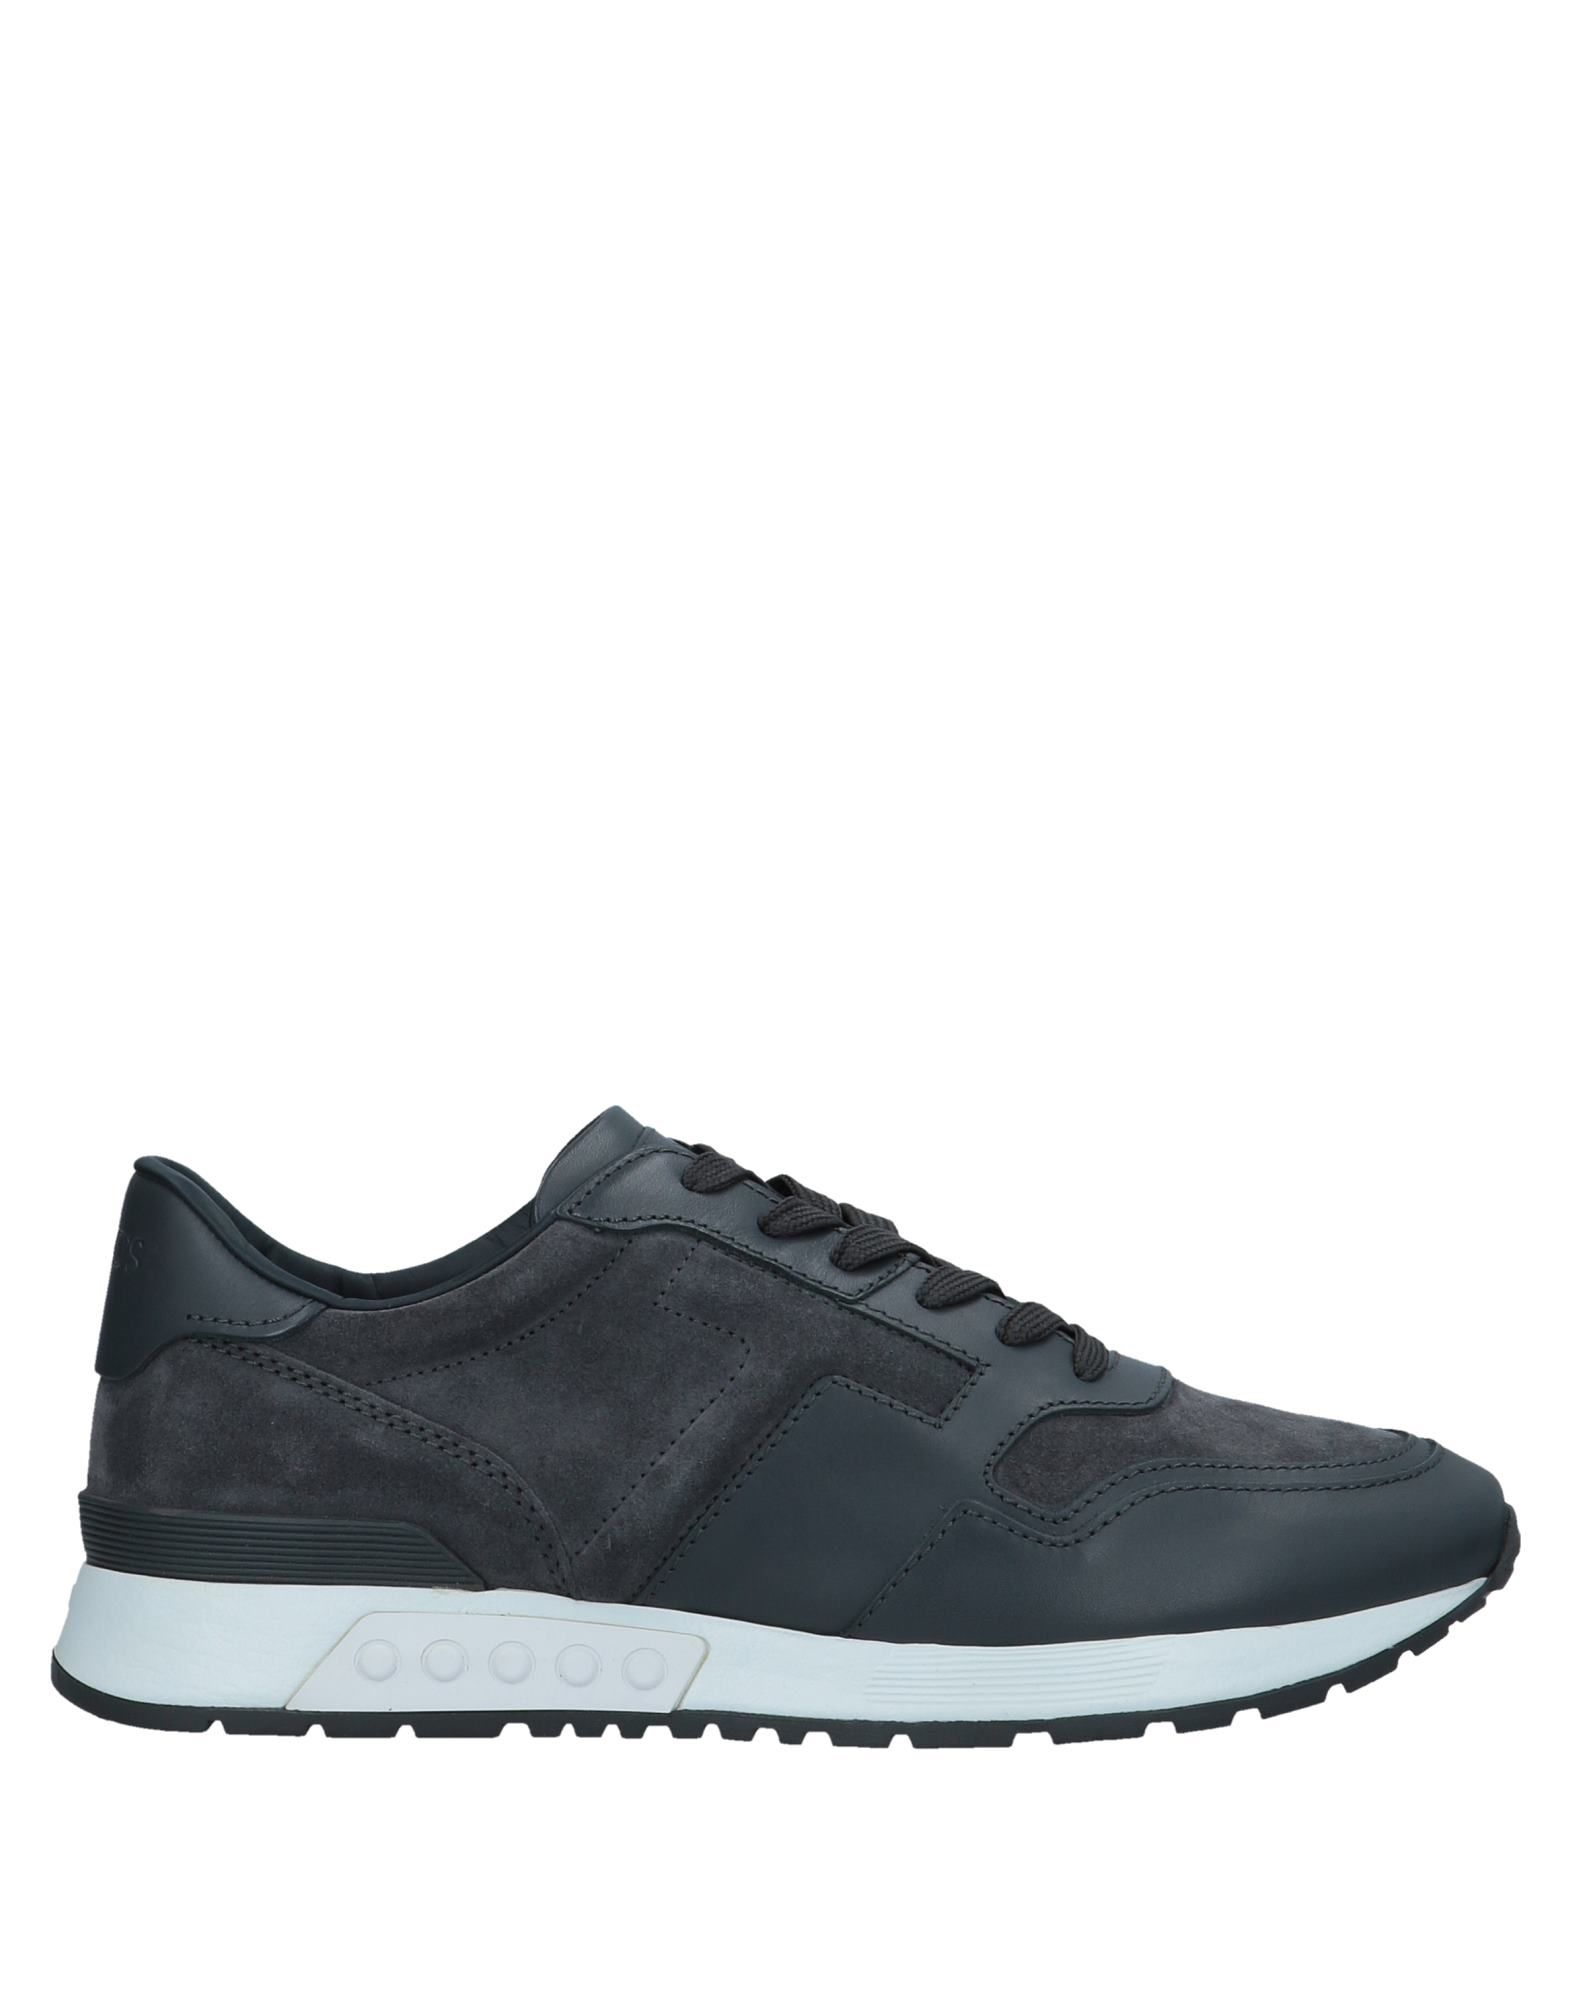 Sneakers Diesel Donna - 11525662DA Scarpe economiche e buone